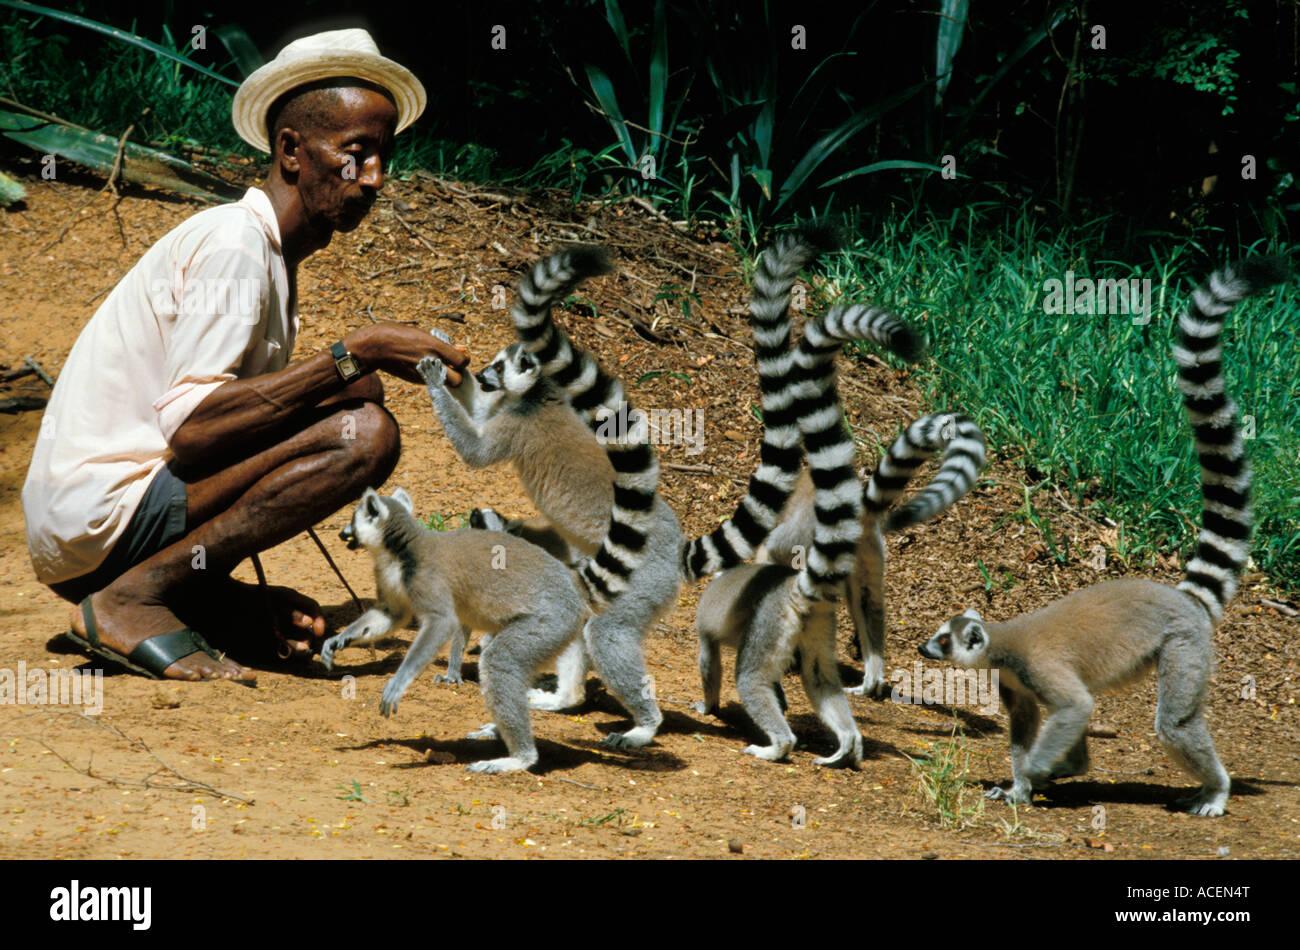 Maki catta lemur catta Madagascar - Stock Image